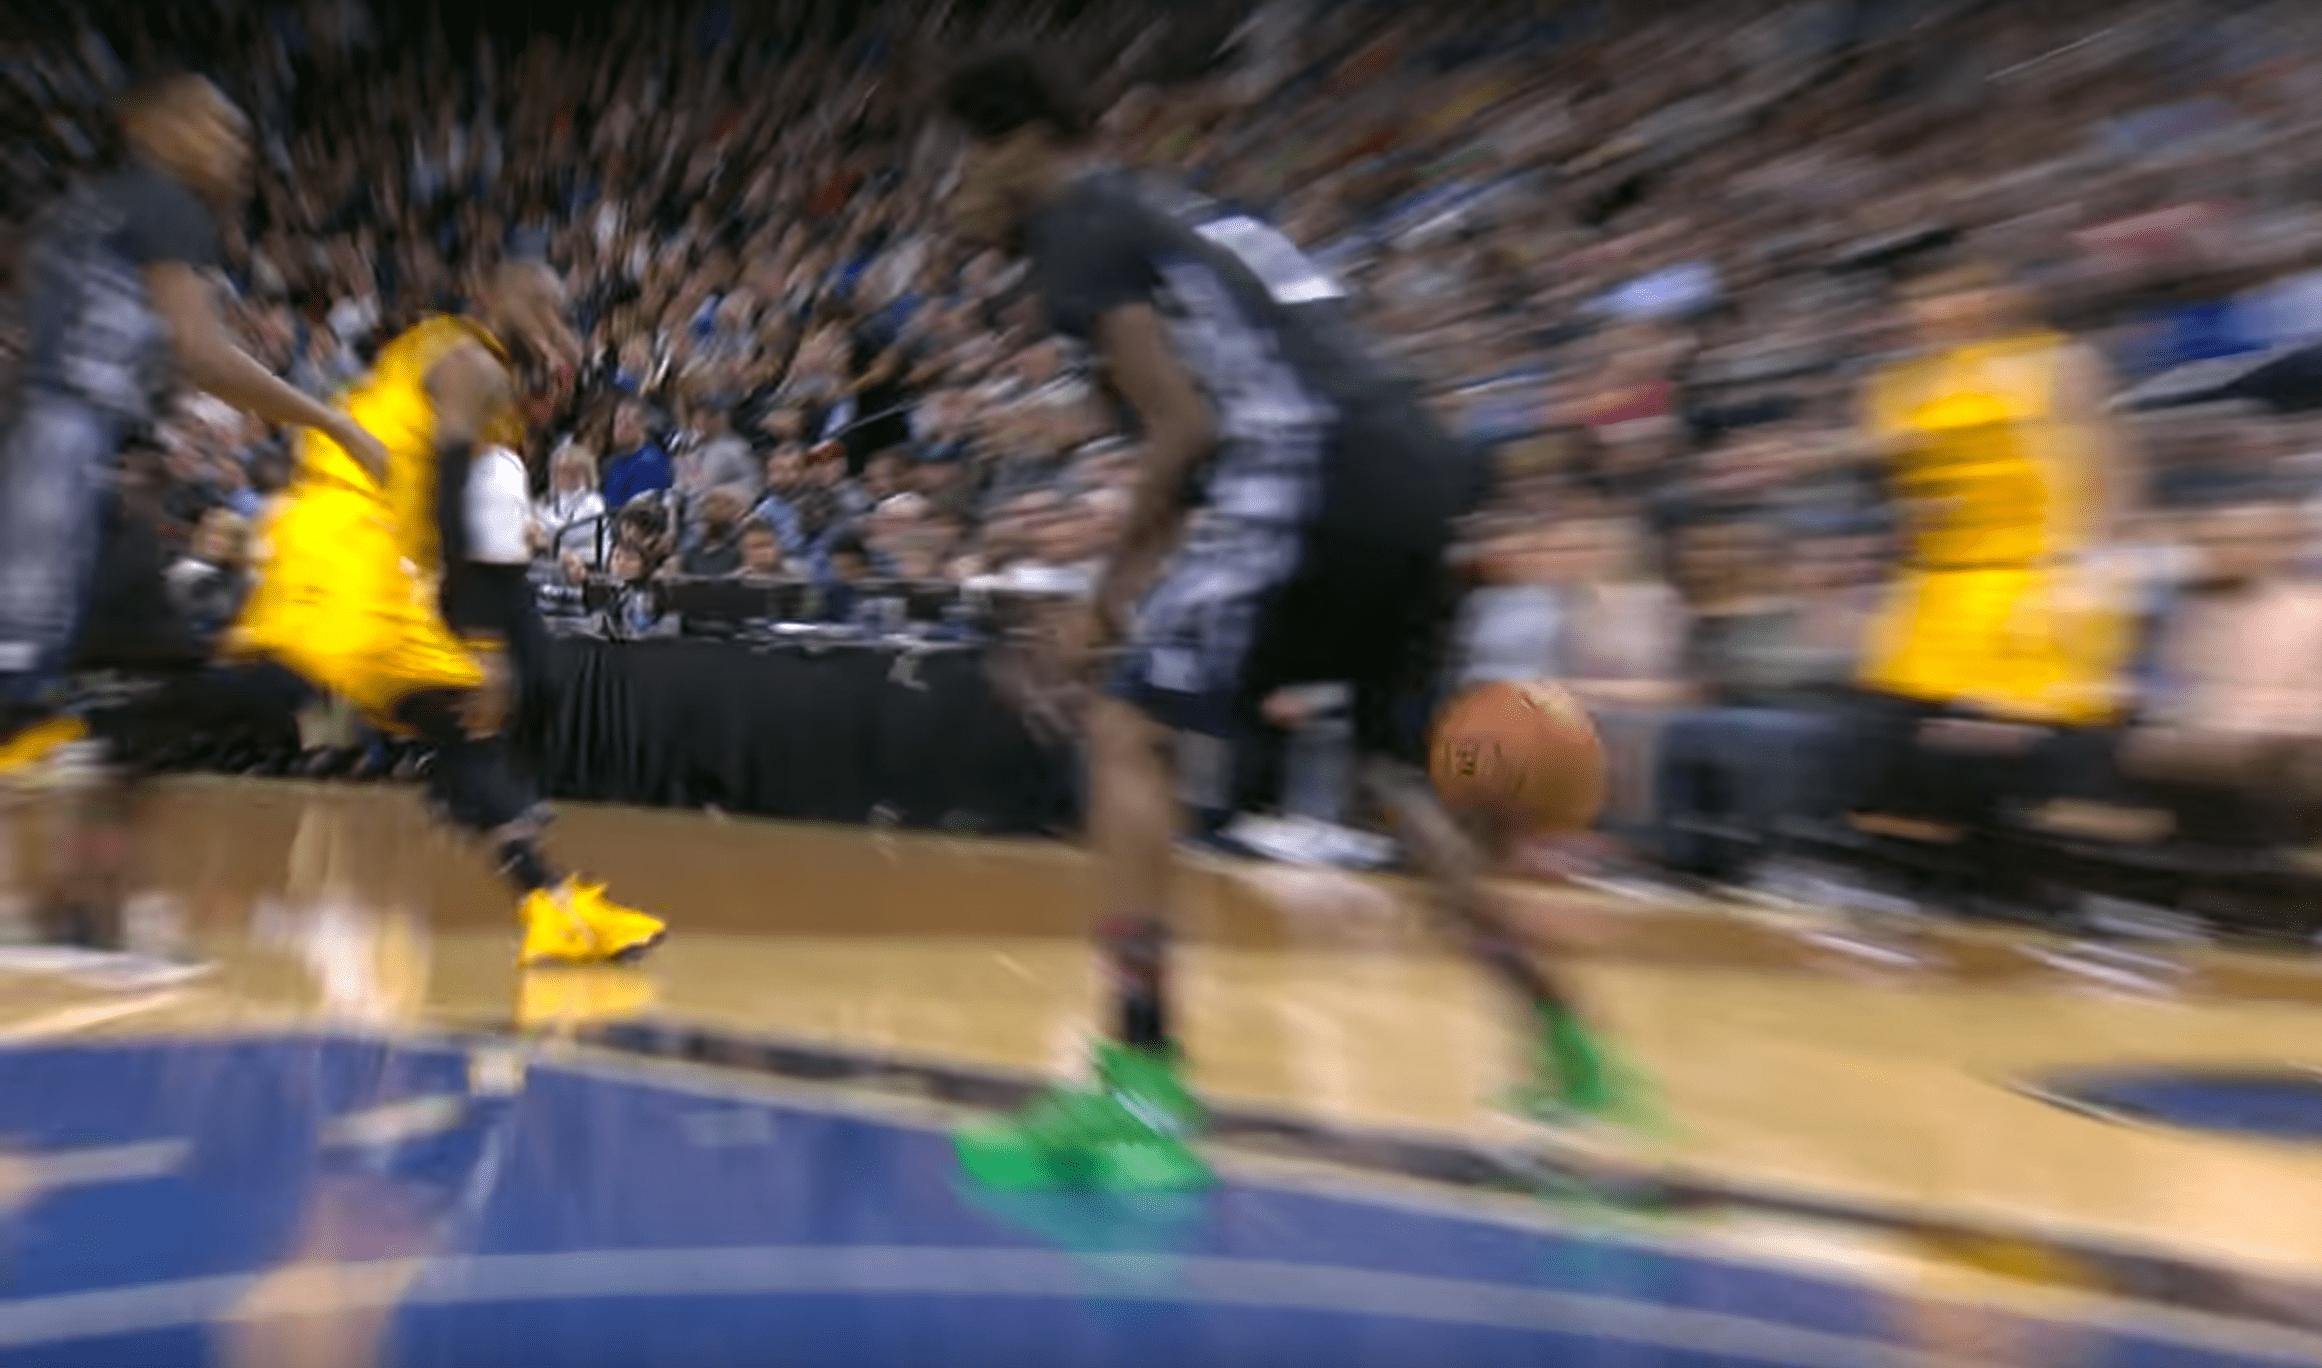 La passe incroyable de LeBron James pour Derrick Williams